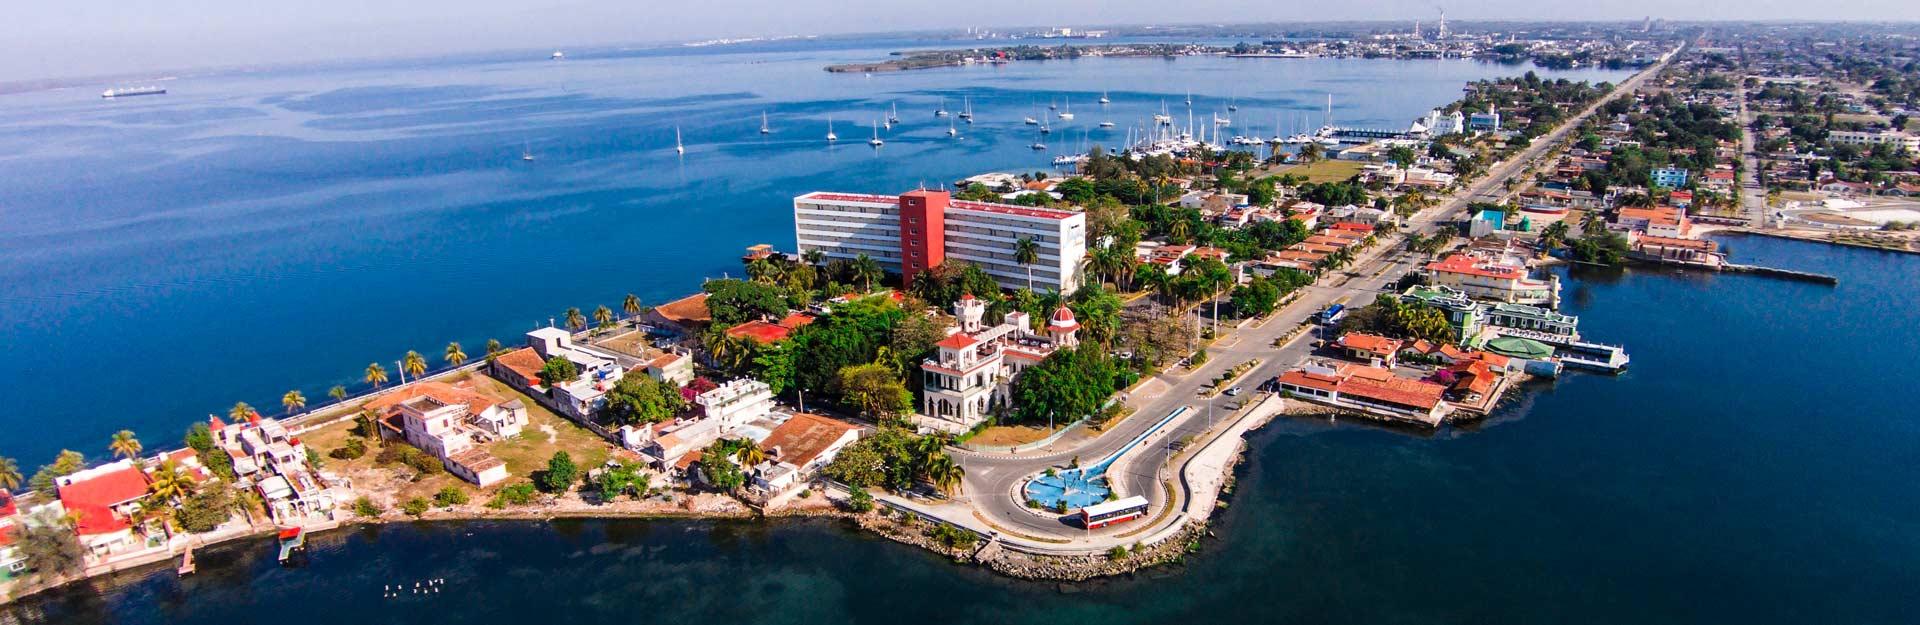 Vista aerea panorámica de Cienfuegos